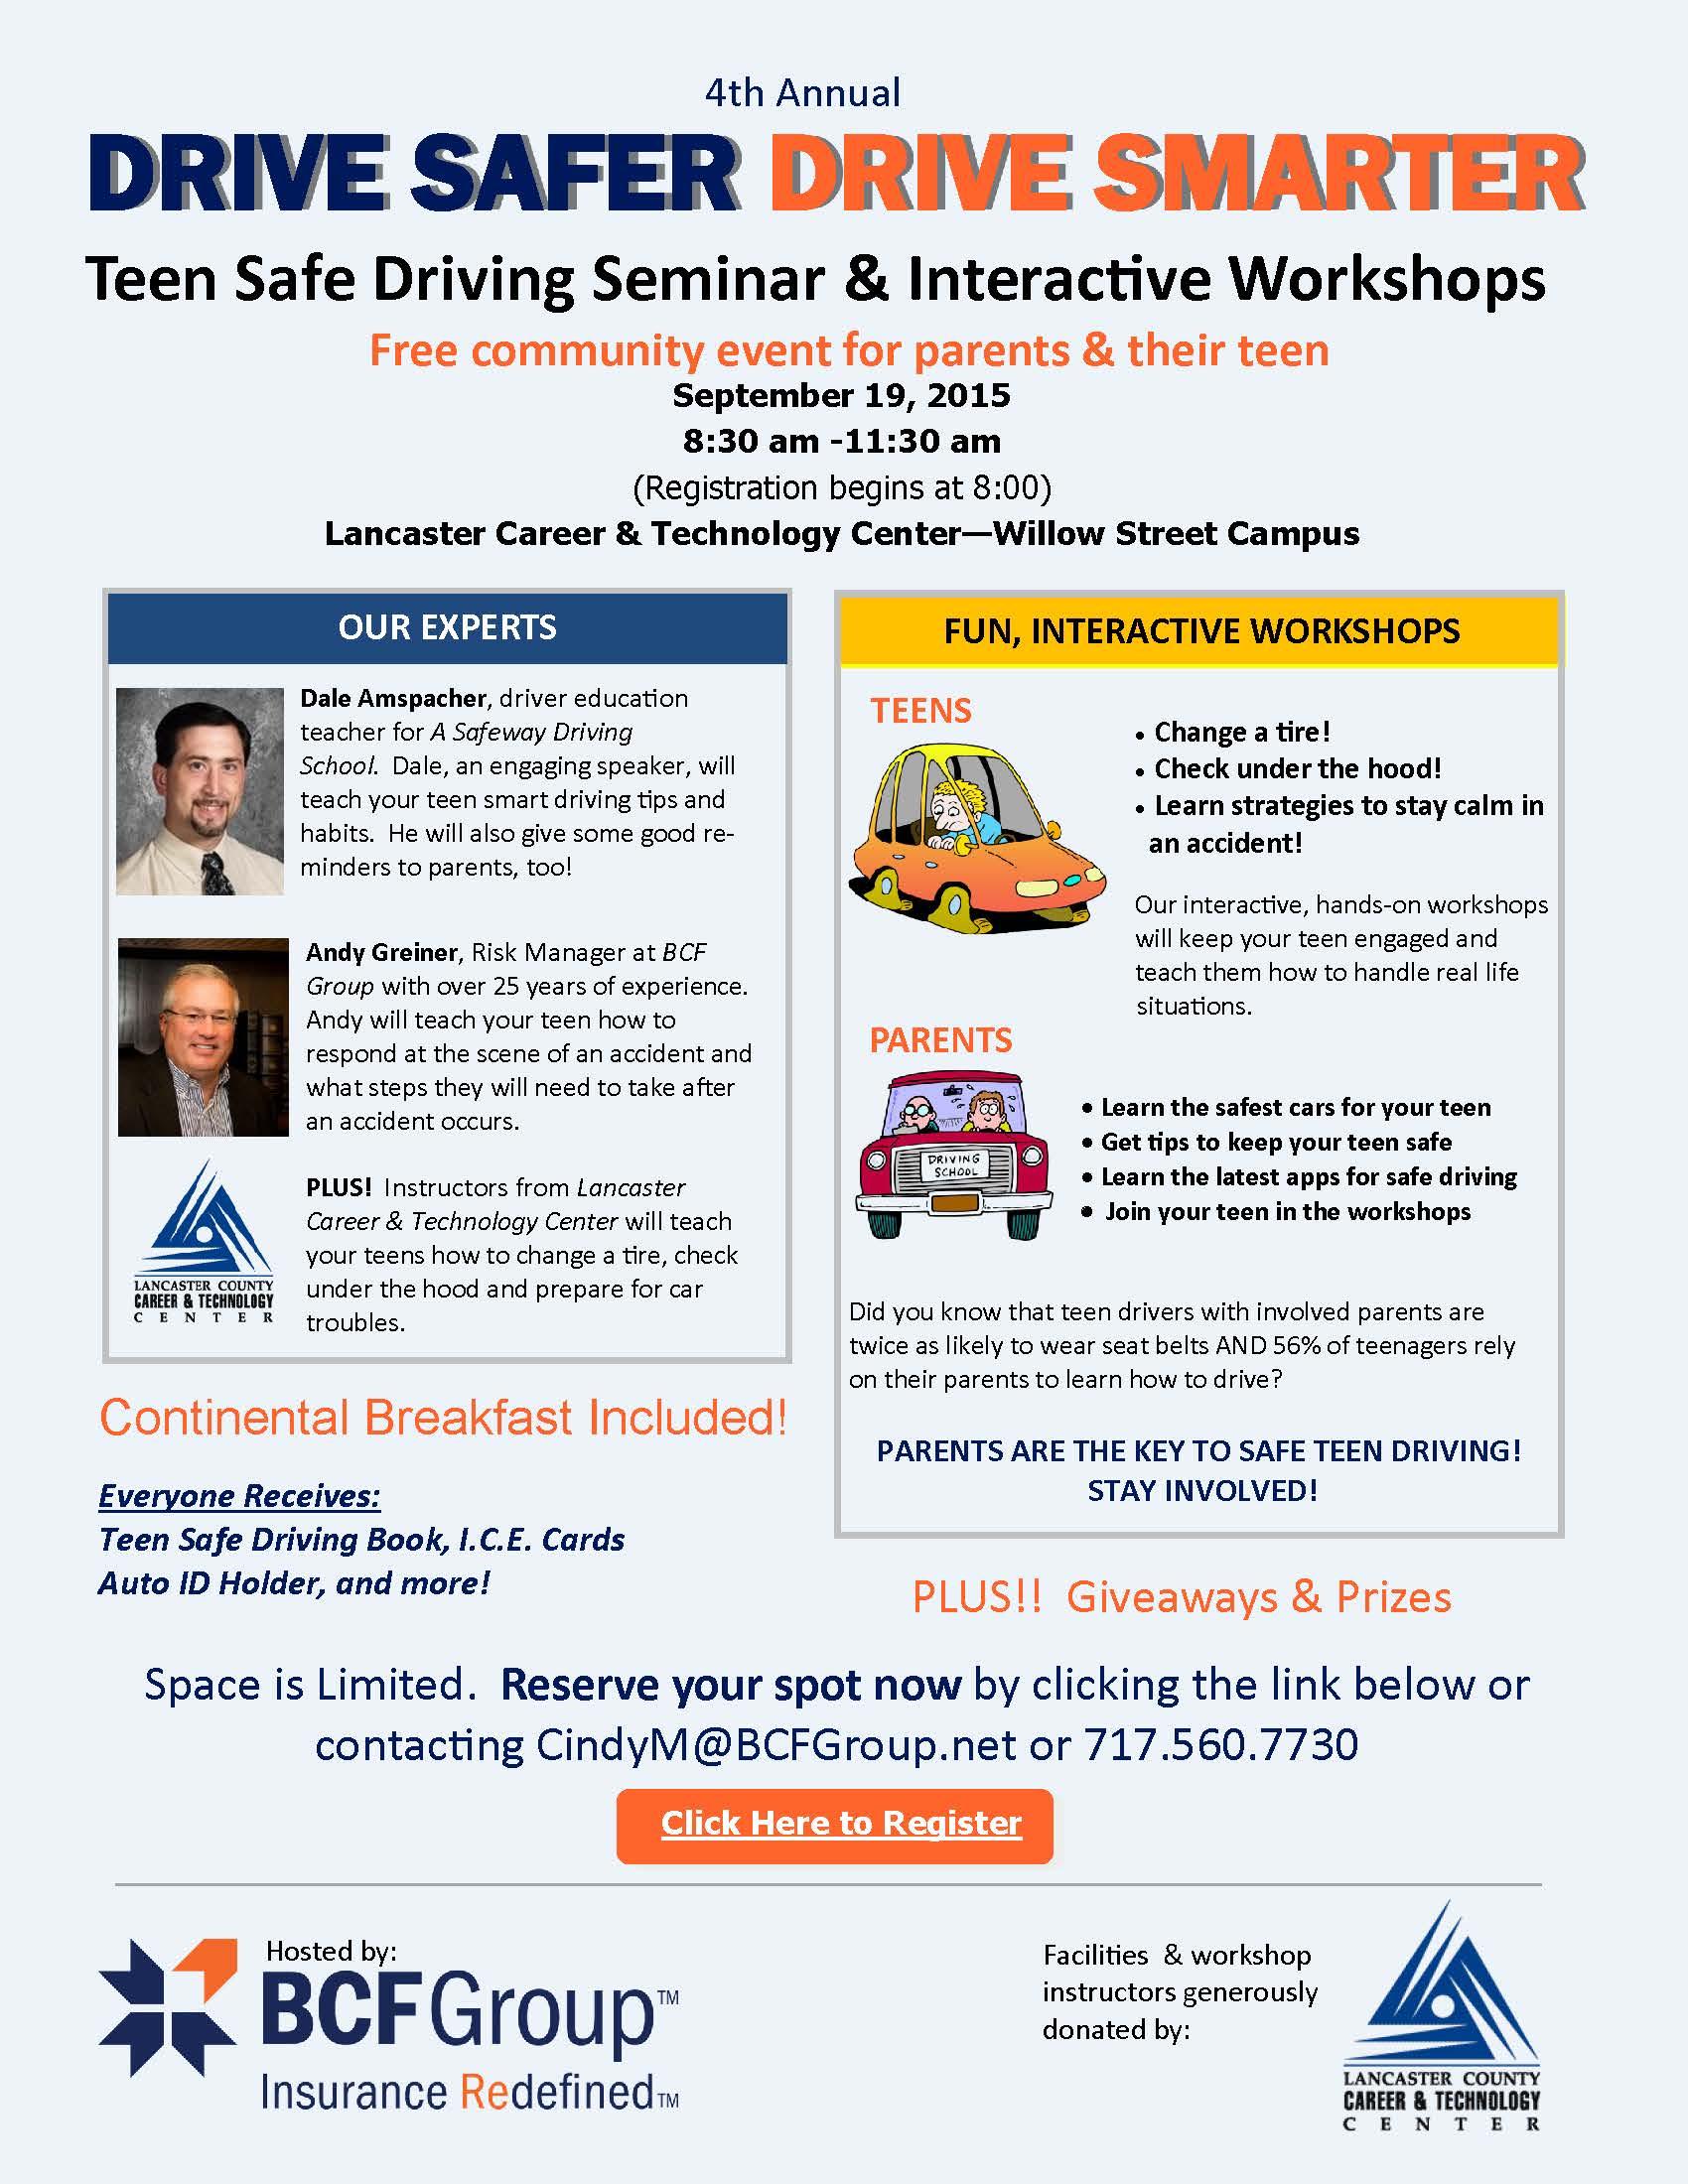 Teen Safe Driving Program For 13